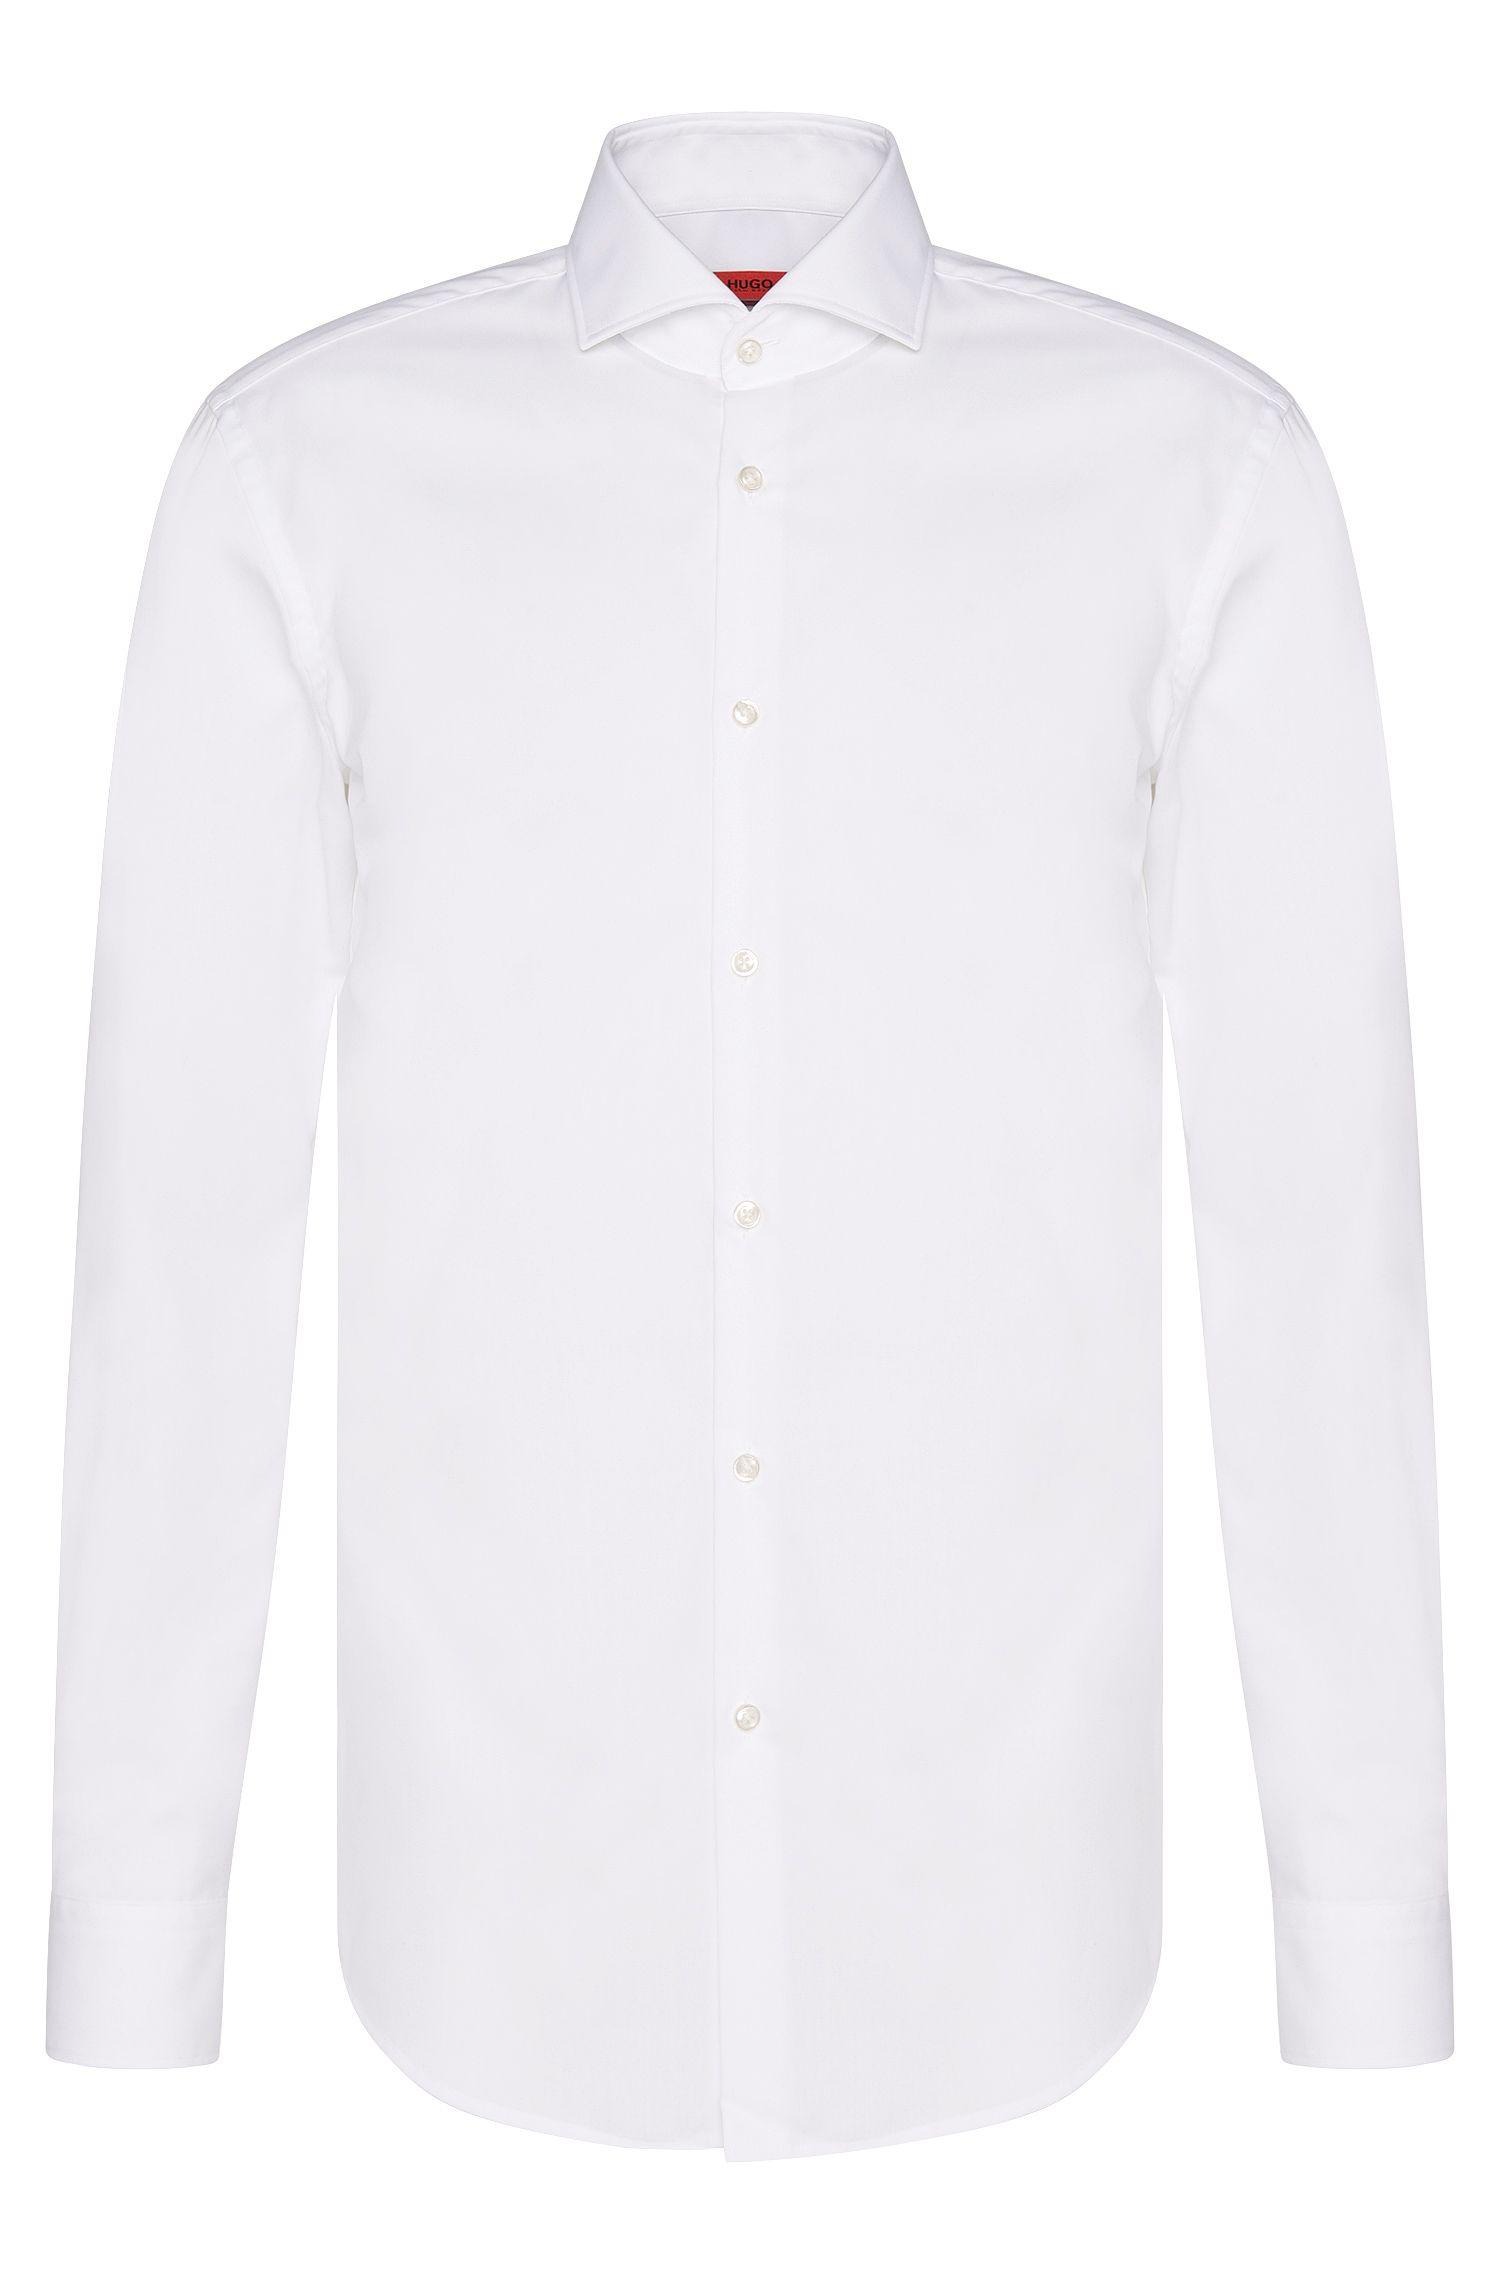 Unifarbenes Slim-Fit Hemd aus Baumwolle: 'C-Jason'